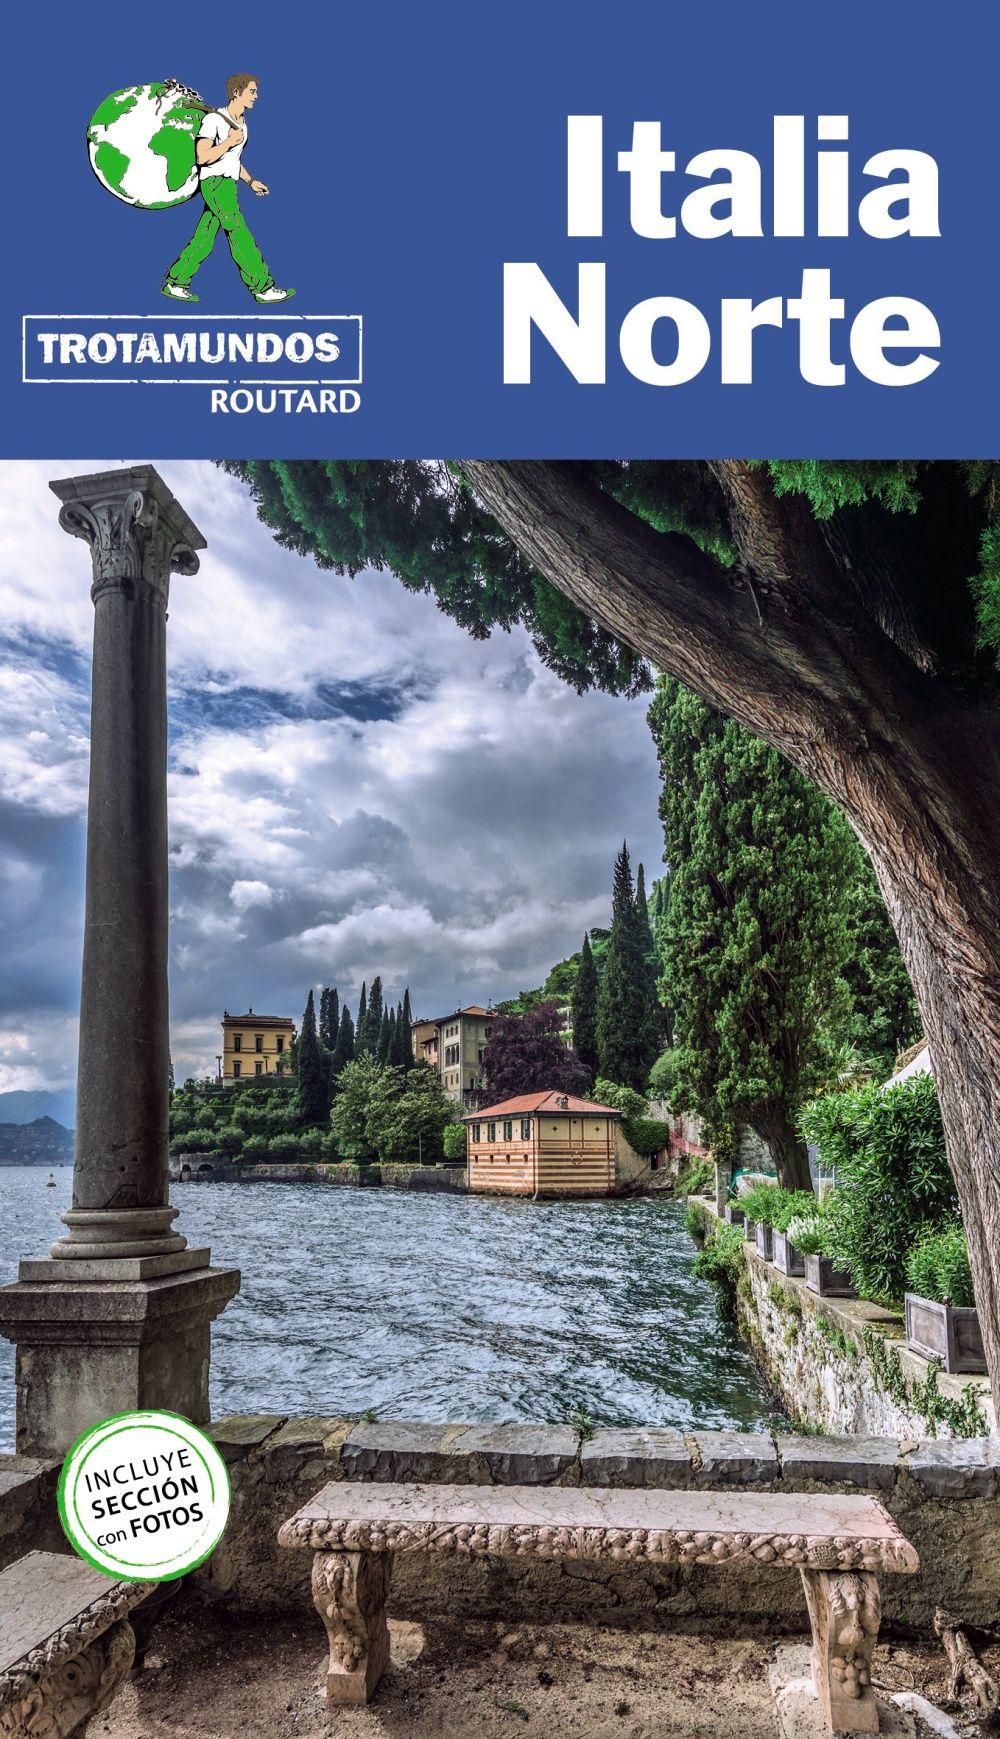 ITALIA NORTE TROTAMUNDOS